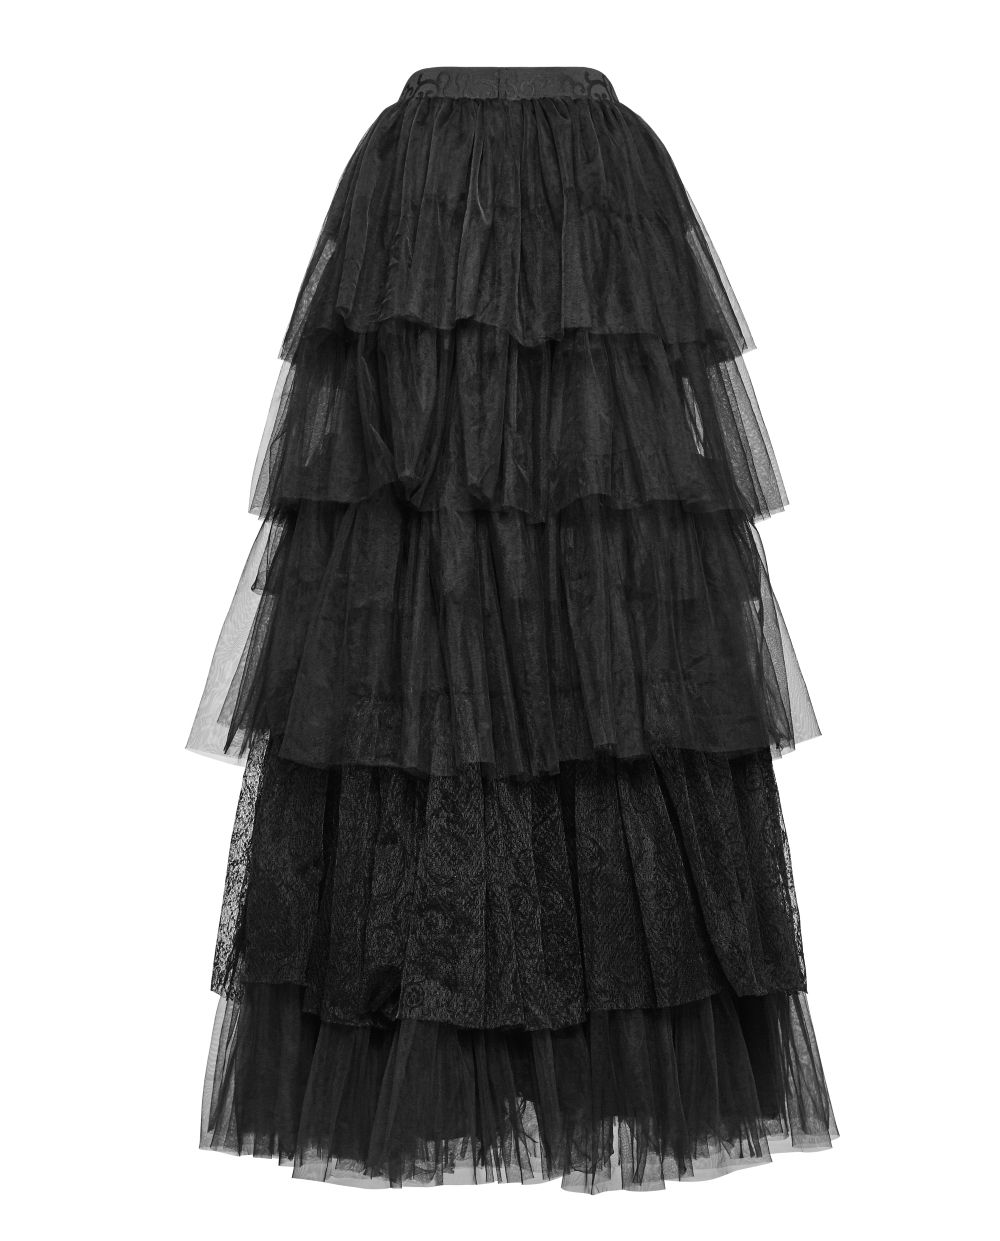 baf5f60fb631f6 Longue jupe gothique victorienne noire style princesse en tulle et dentelle